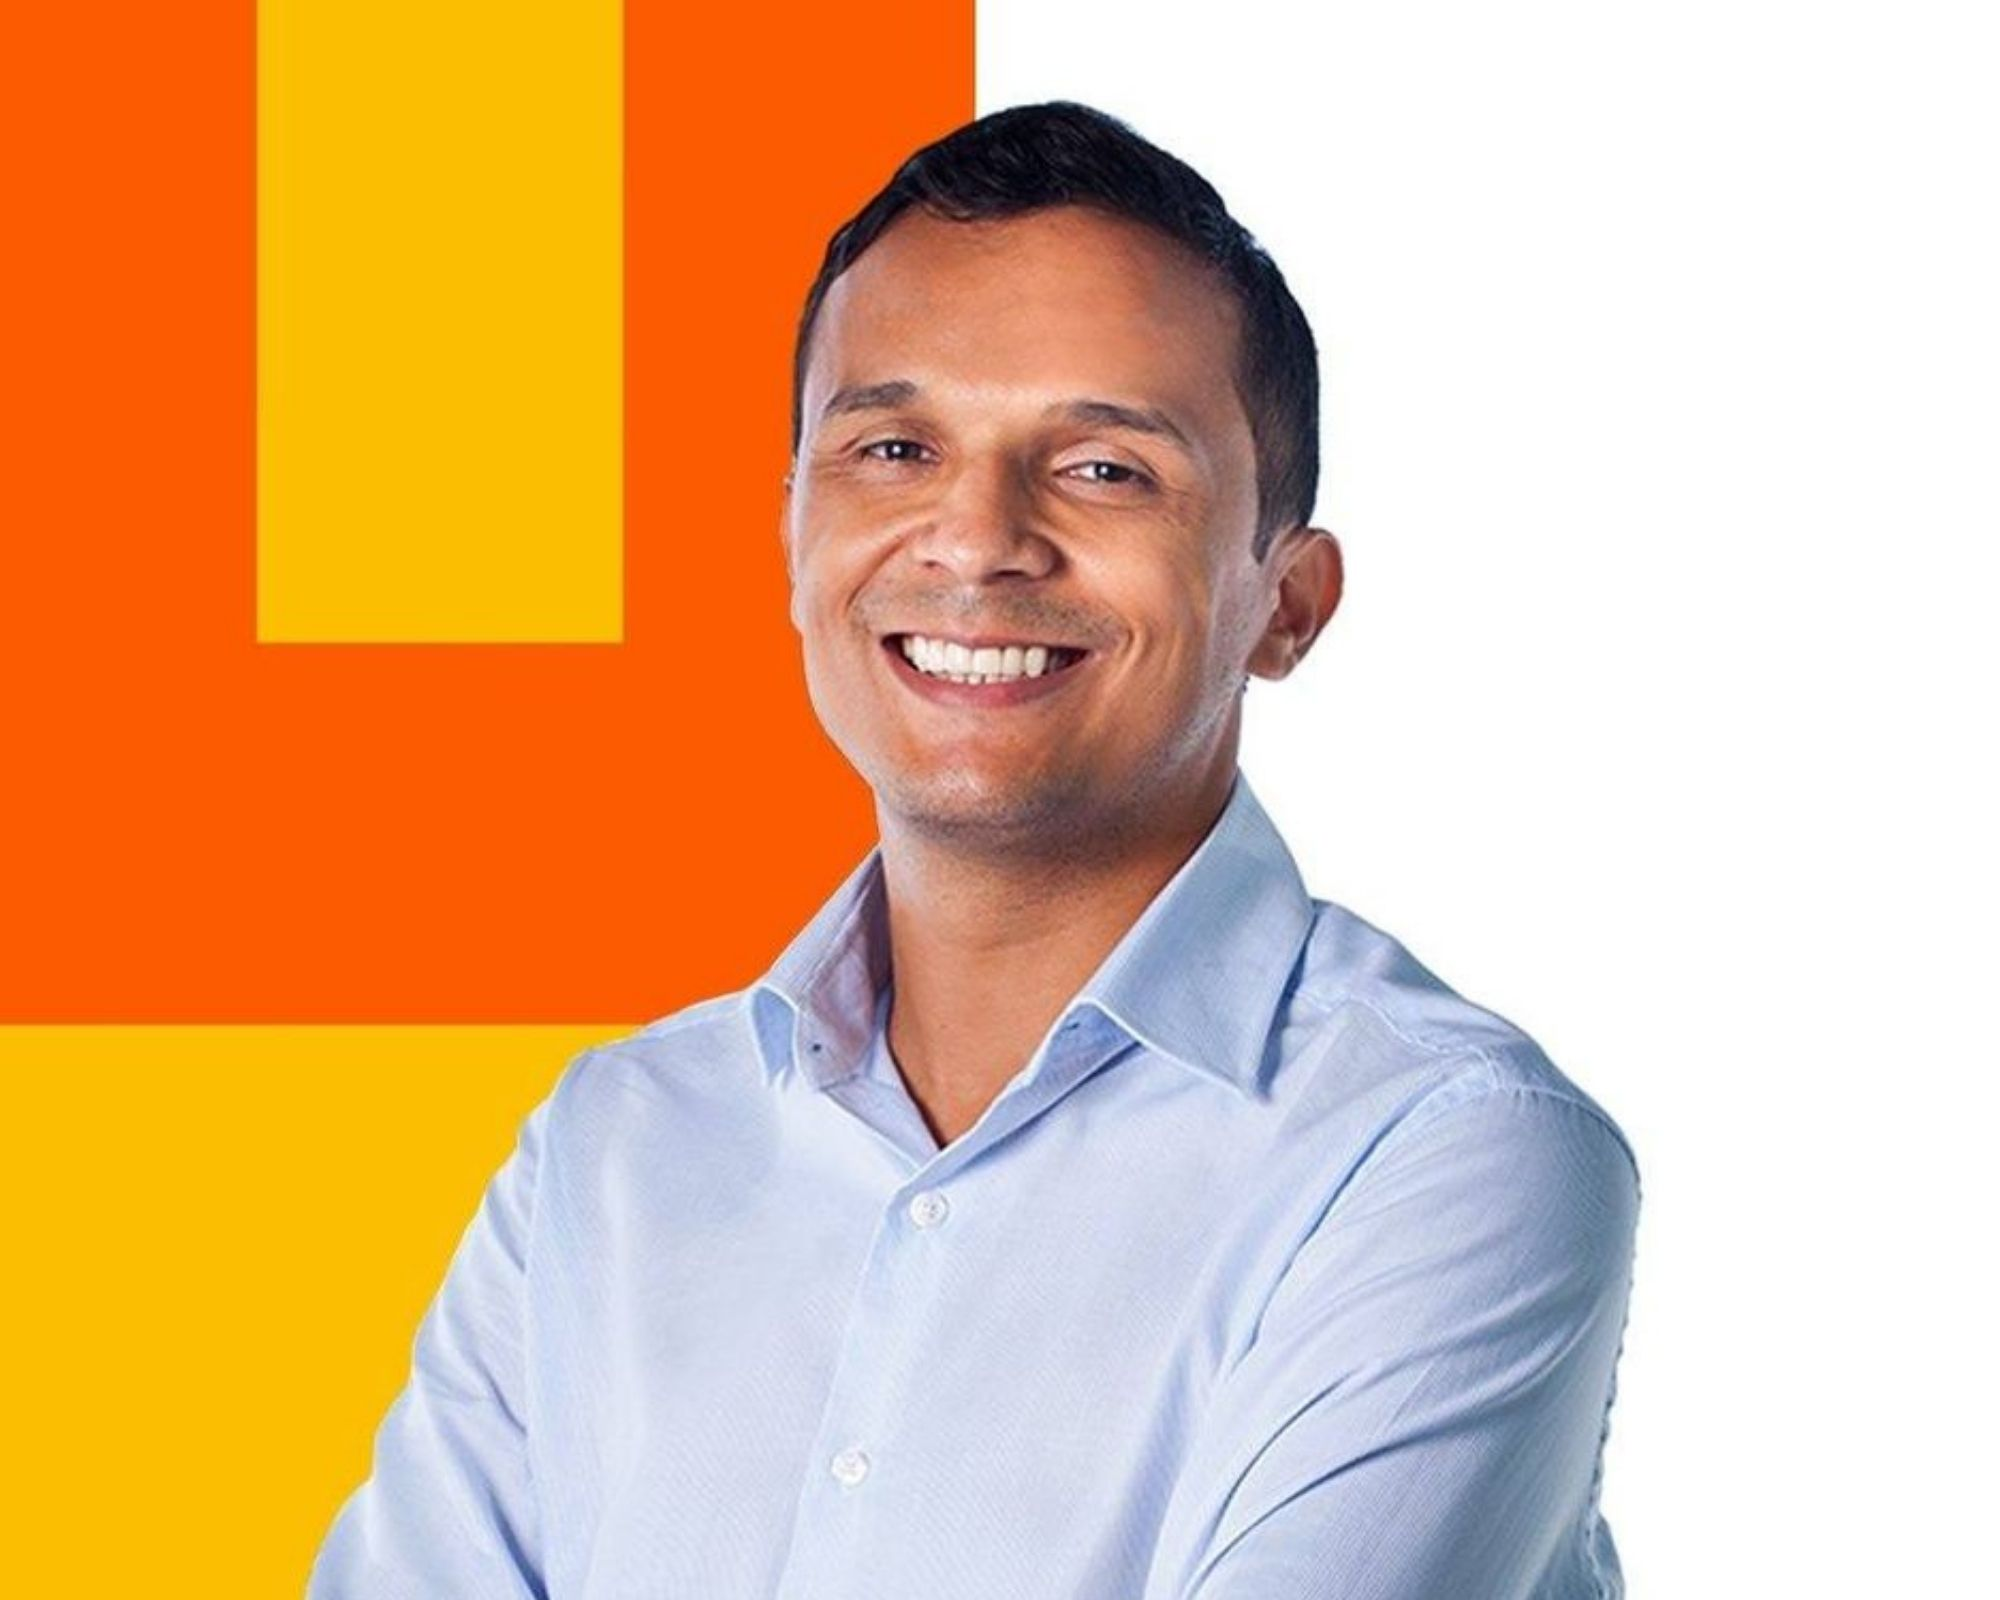 Município pernambucano tem apenas um candidato a prefeito nas Eleições 2020